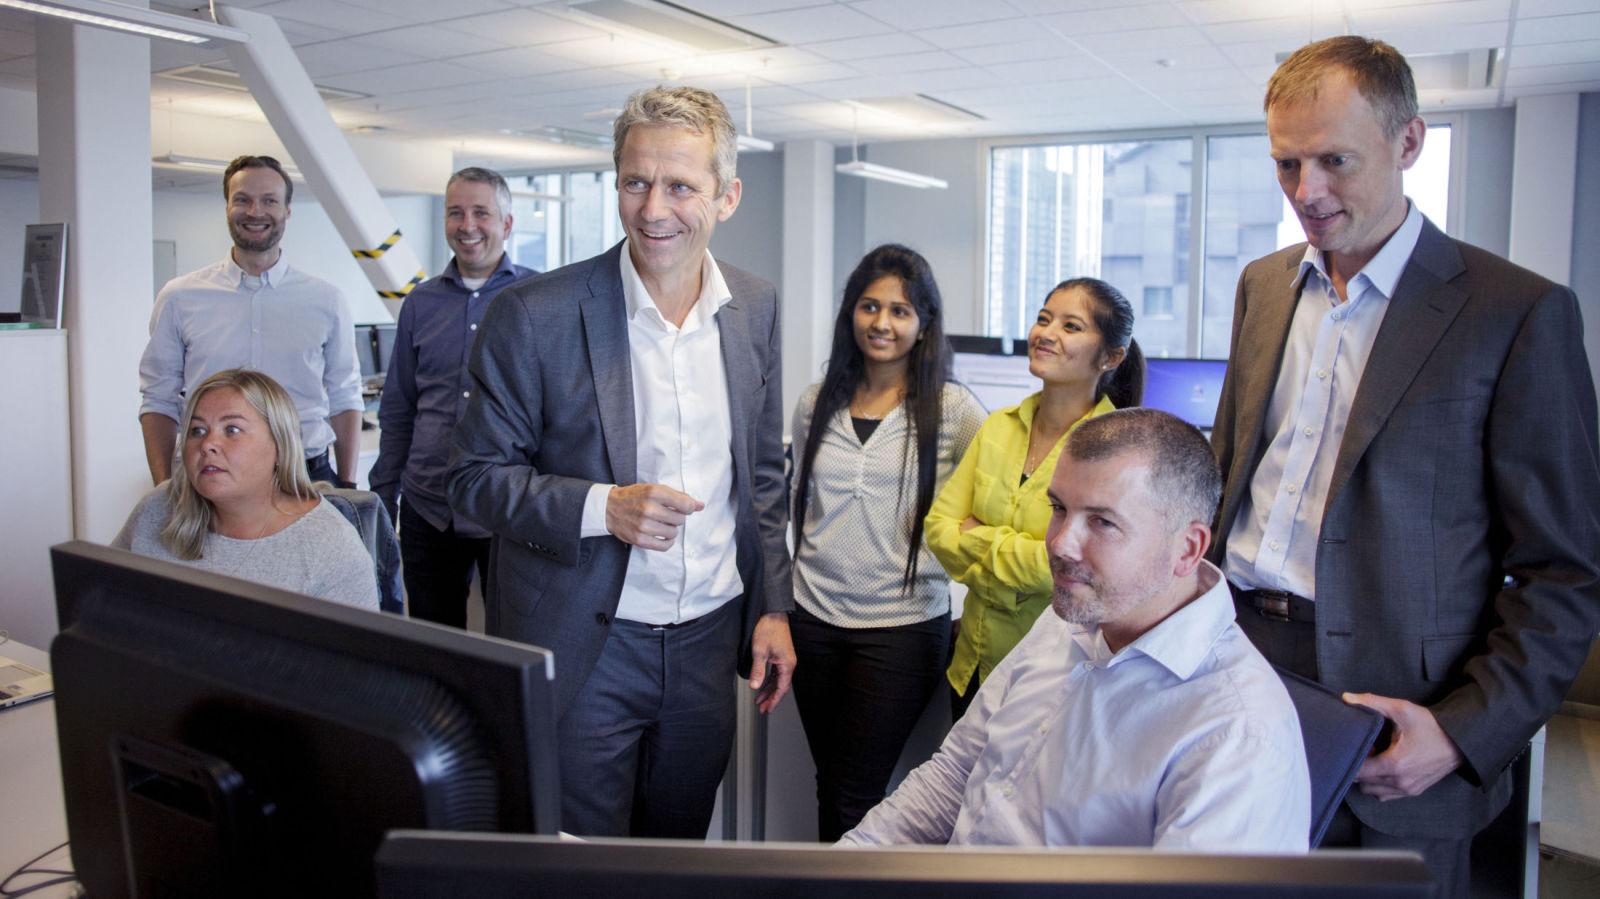 KLAR FOR ROTTERACE: I 12. etasje i Bjørvika har DNB samlet en egen taskforce som jobber med utviklingen av aksjesparekonto. Sjefen for DNB Wealth Management, Bengt Olav Lund, (stående i midten) sier det nå blir et rotterace for å både beholde gamle kunder og vinne nye.